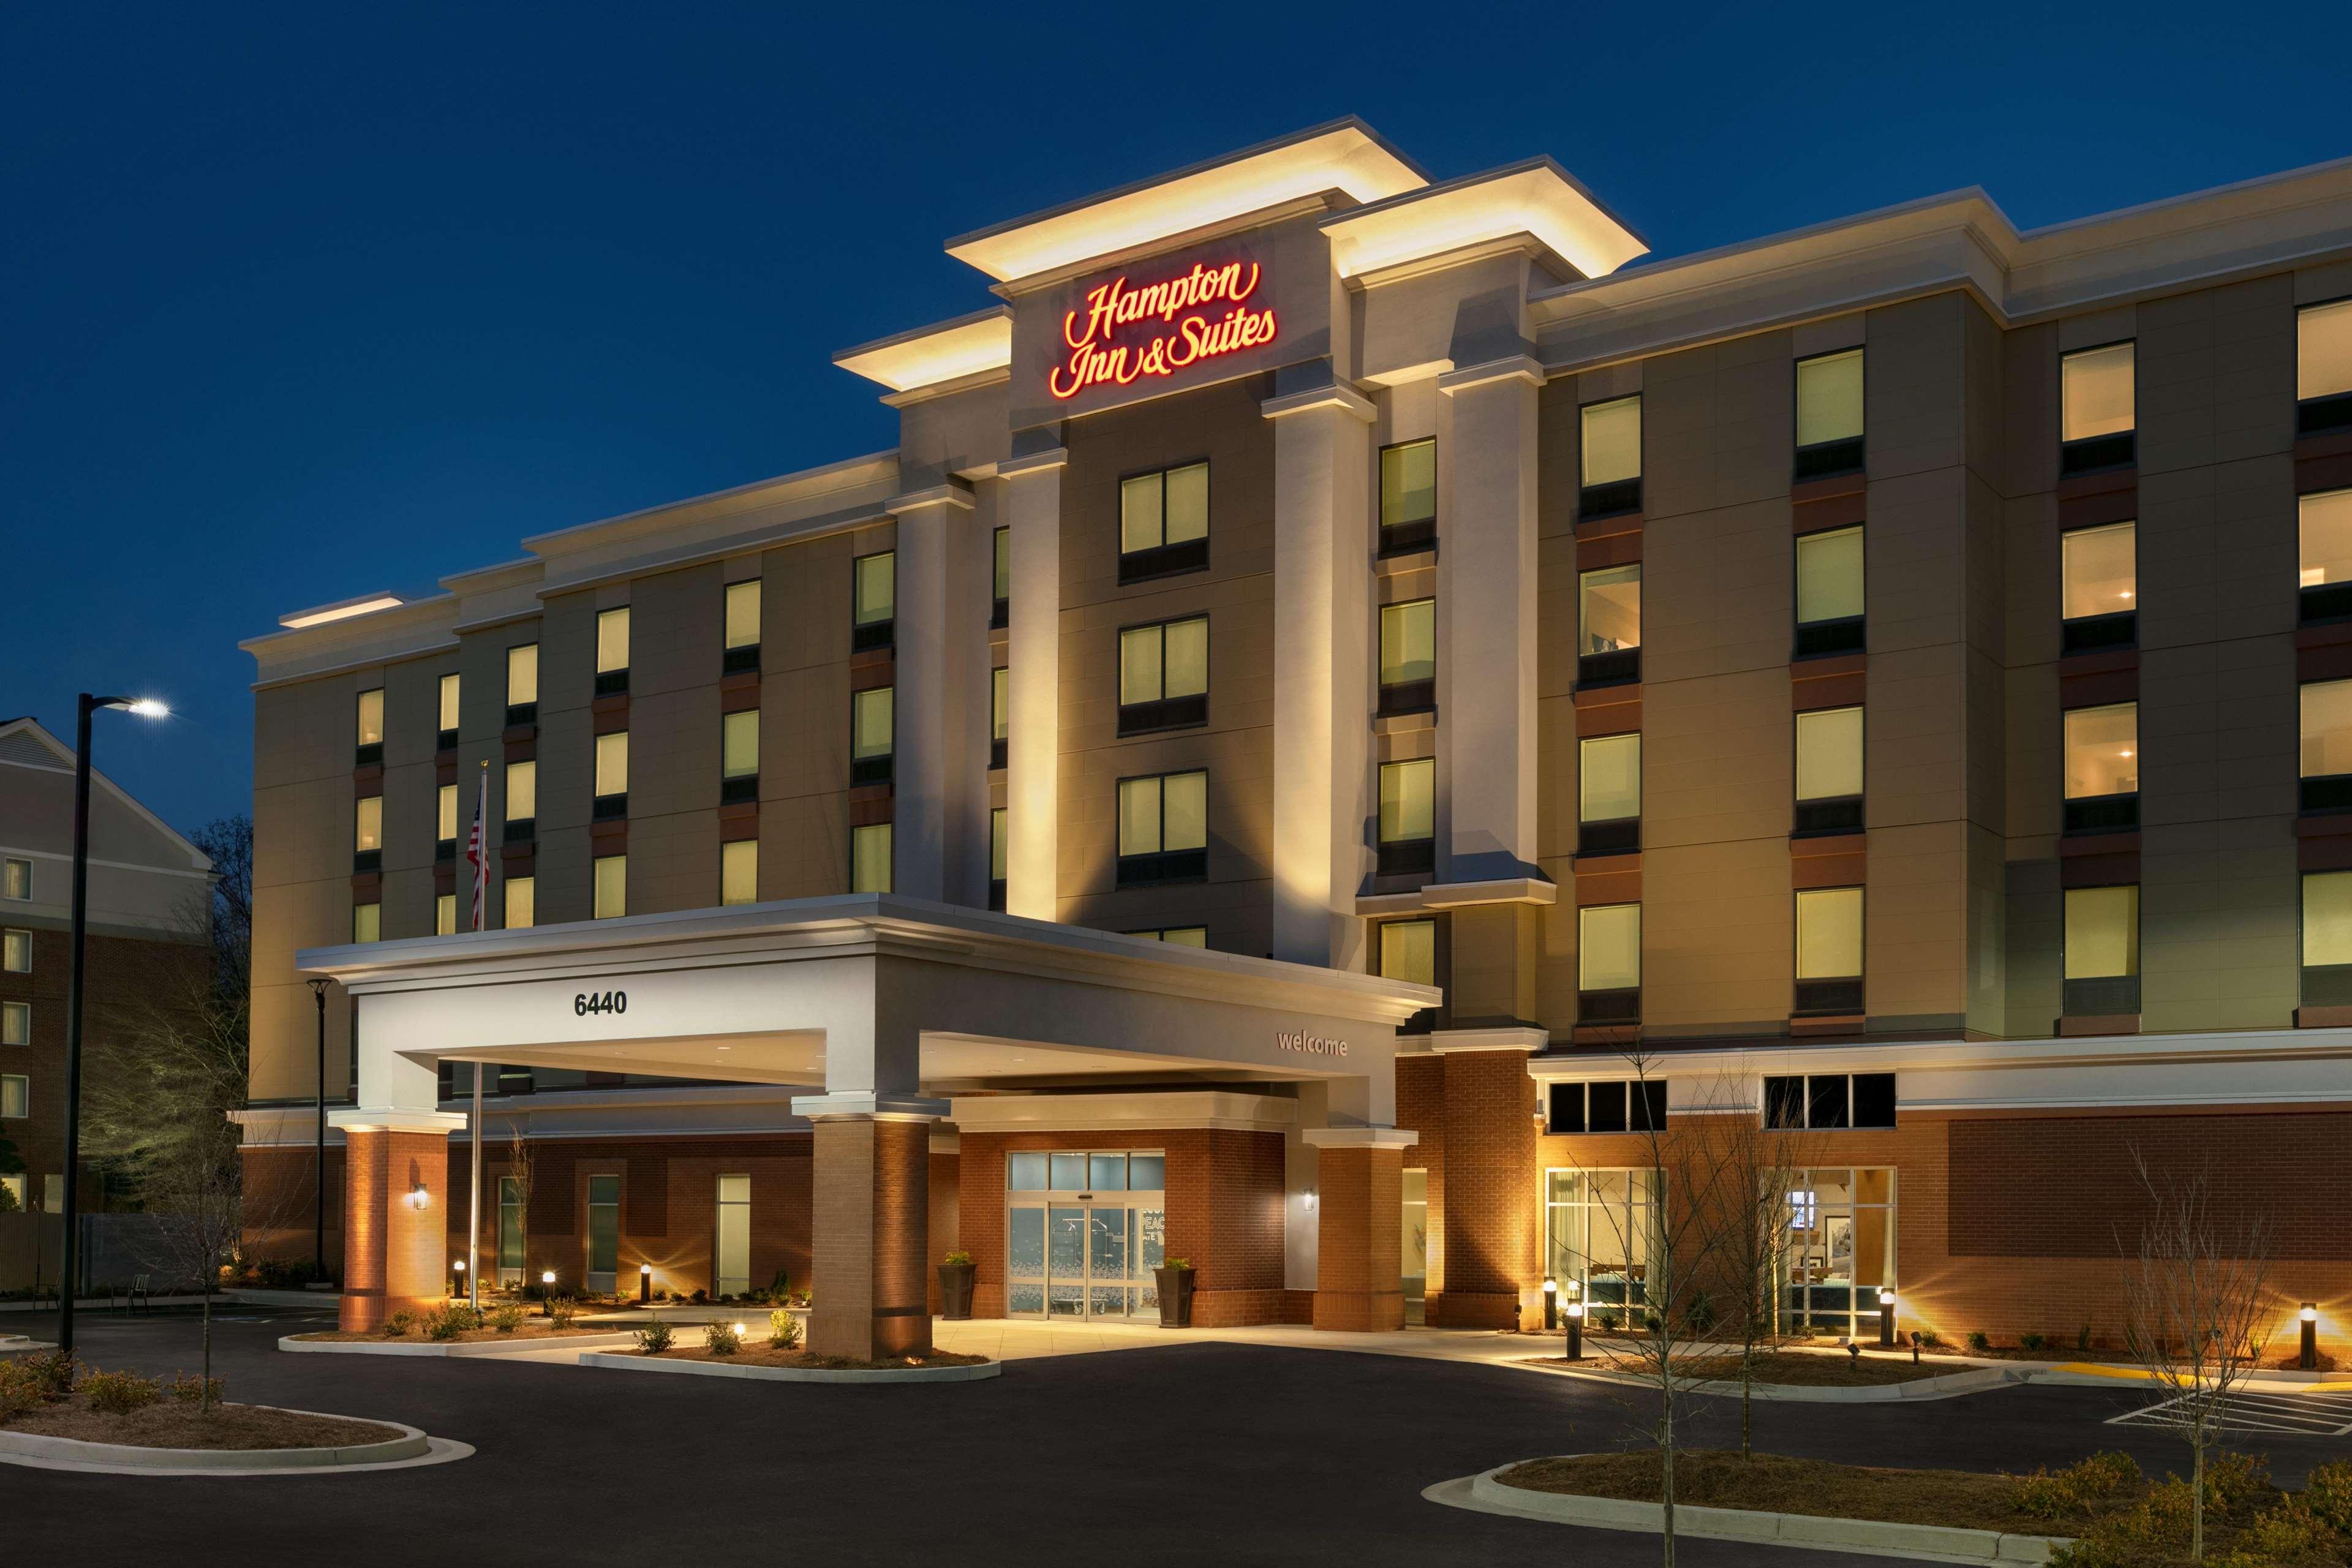 Hampton Inn and Suites Johns Creek image 2